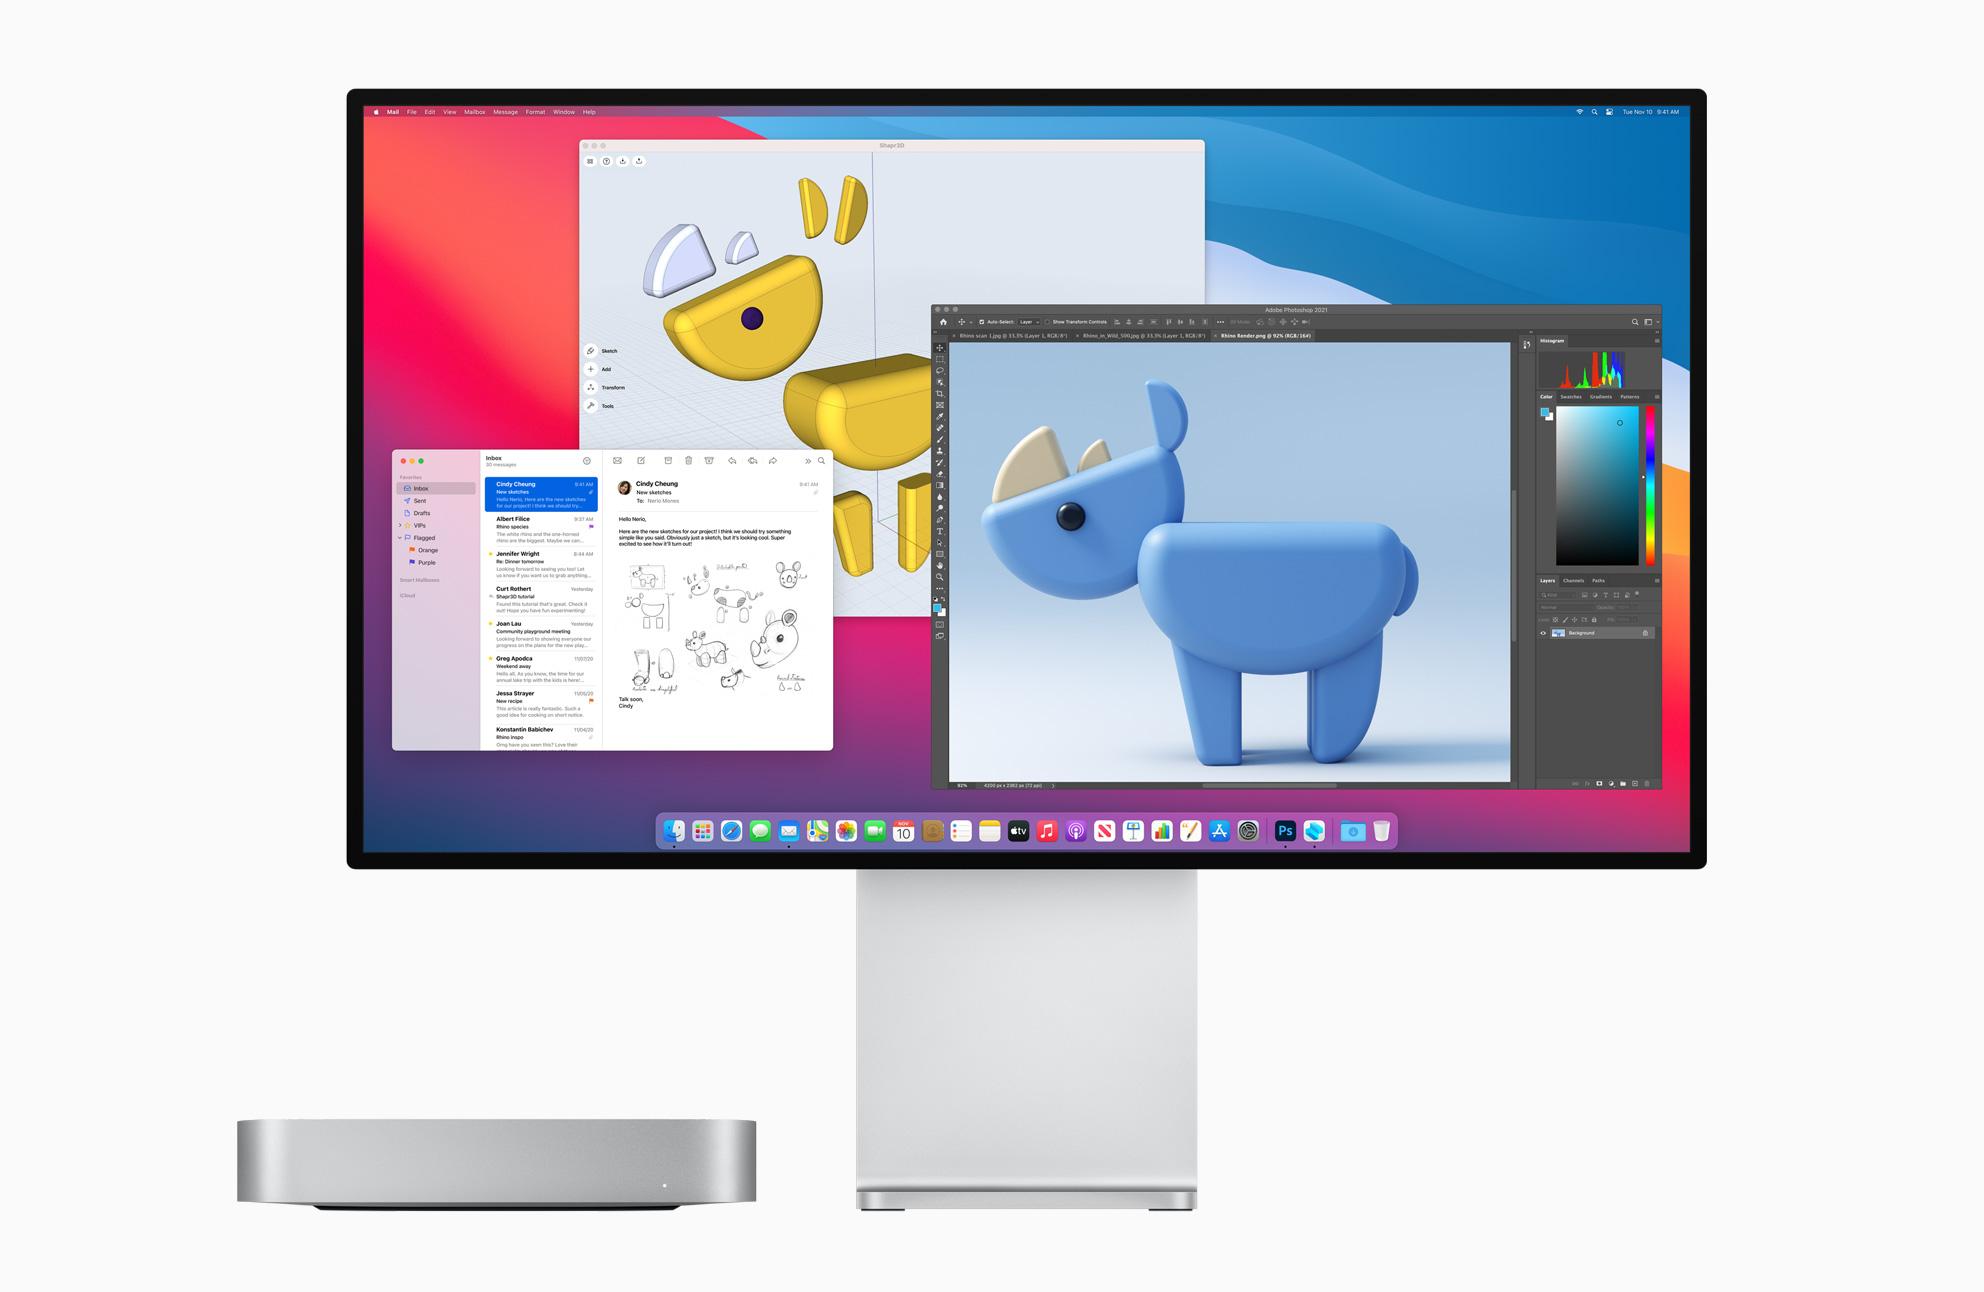 Apple_new-mac-mini-prodisplay-bigsur-screen_11102020.jpg